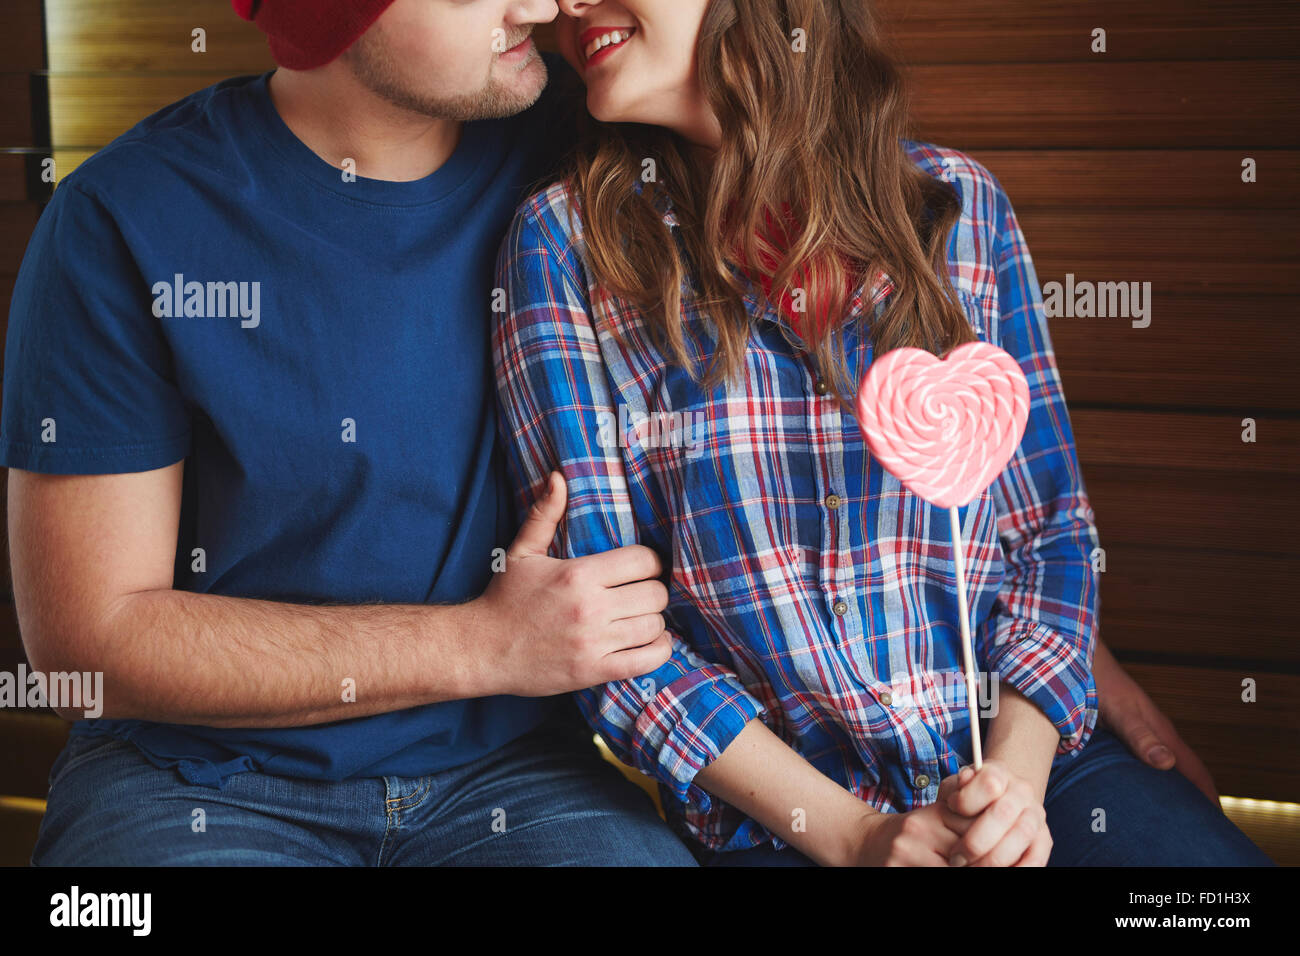 Donna amorosa con heartshaped candy flirtare con la giovane uomo Immagini Stock